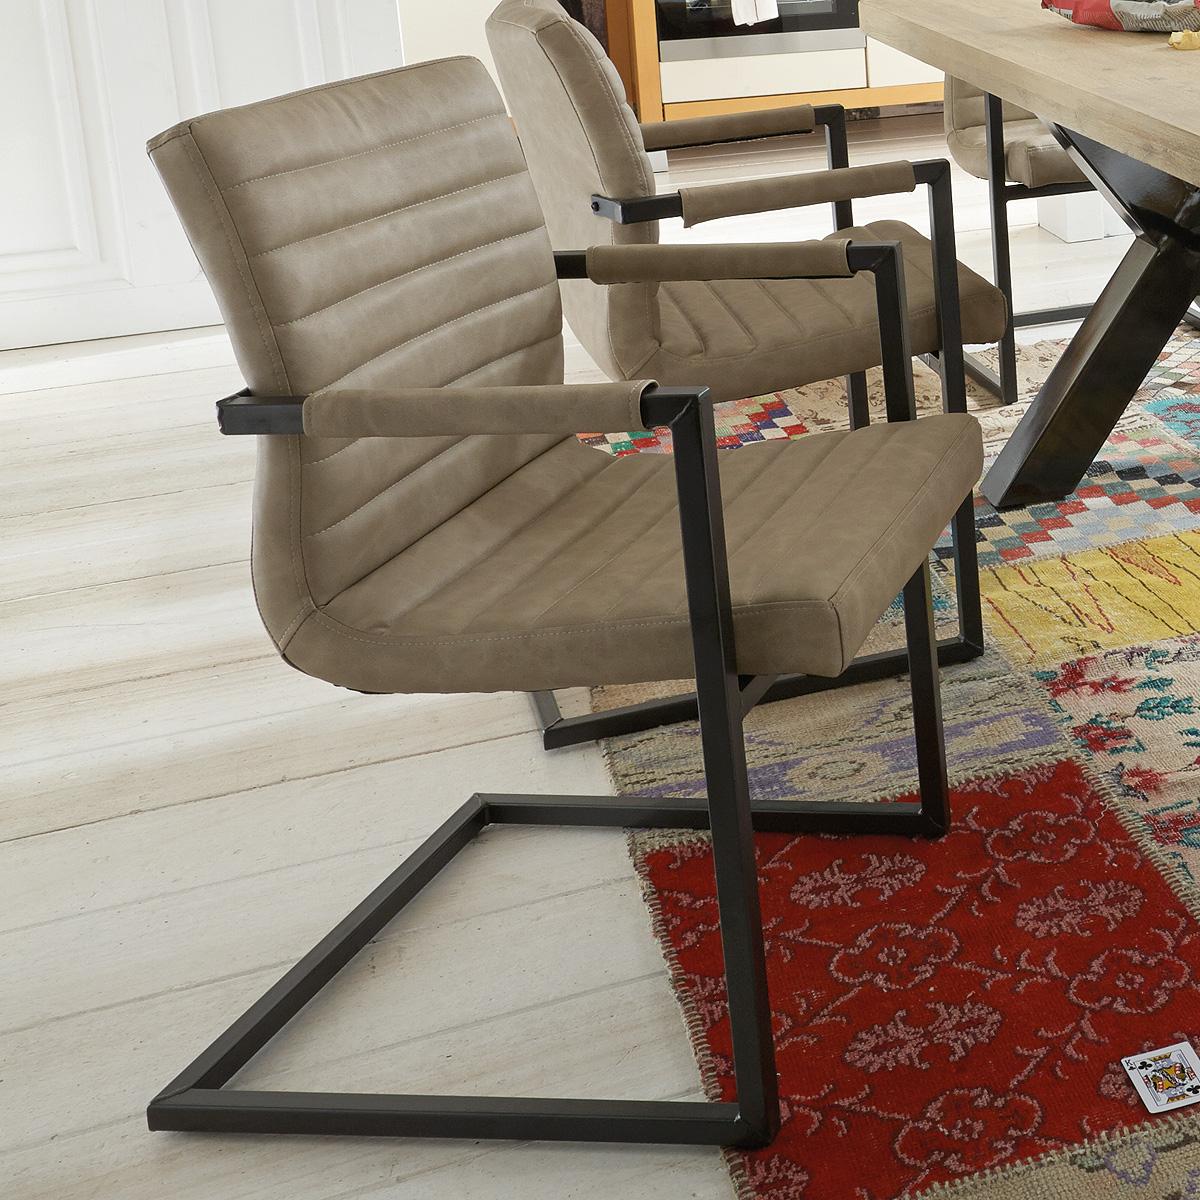 schwingstuhl parzival 6er set stuhl gestell eisen grau mit. Black Bedroom Furniture Sets. Home Design Ideas